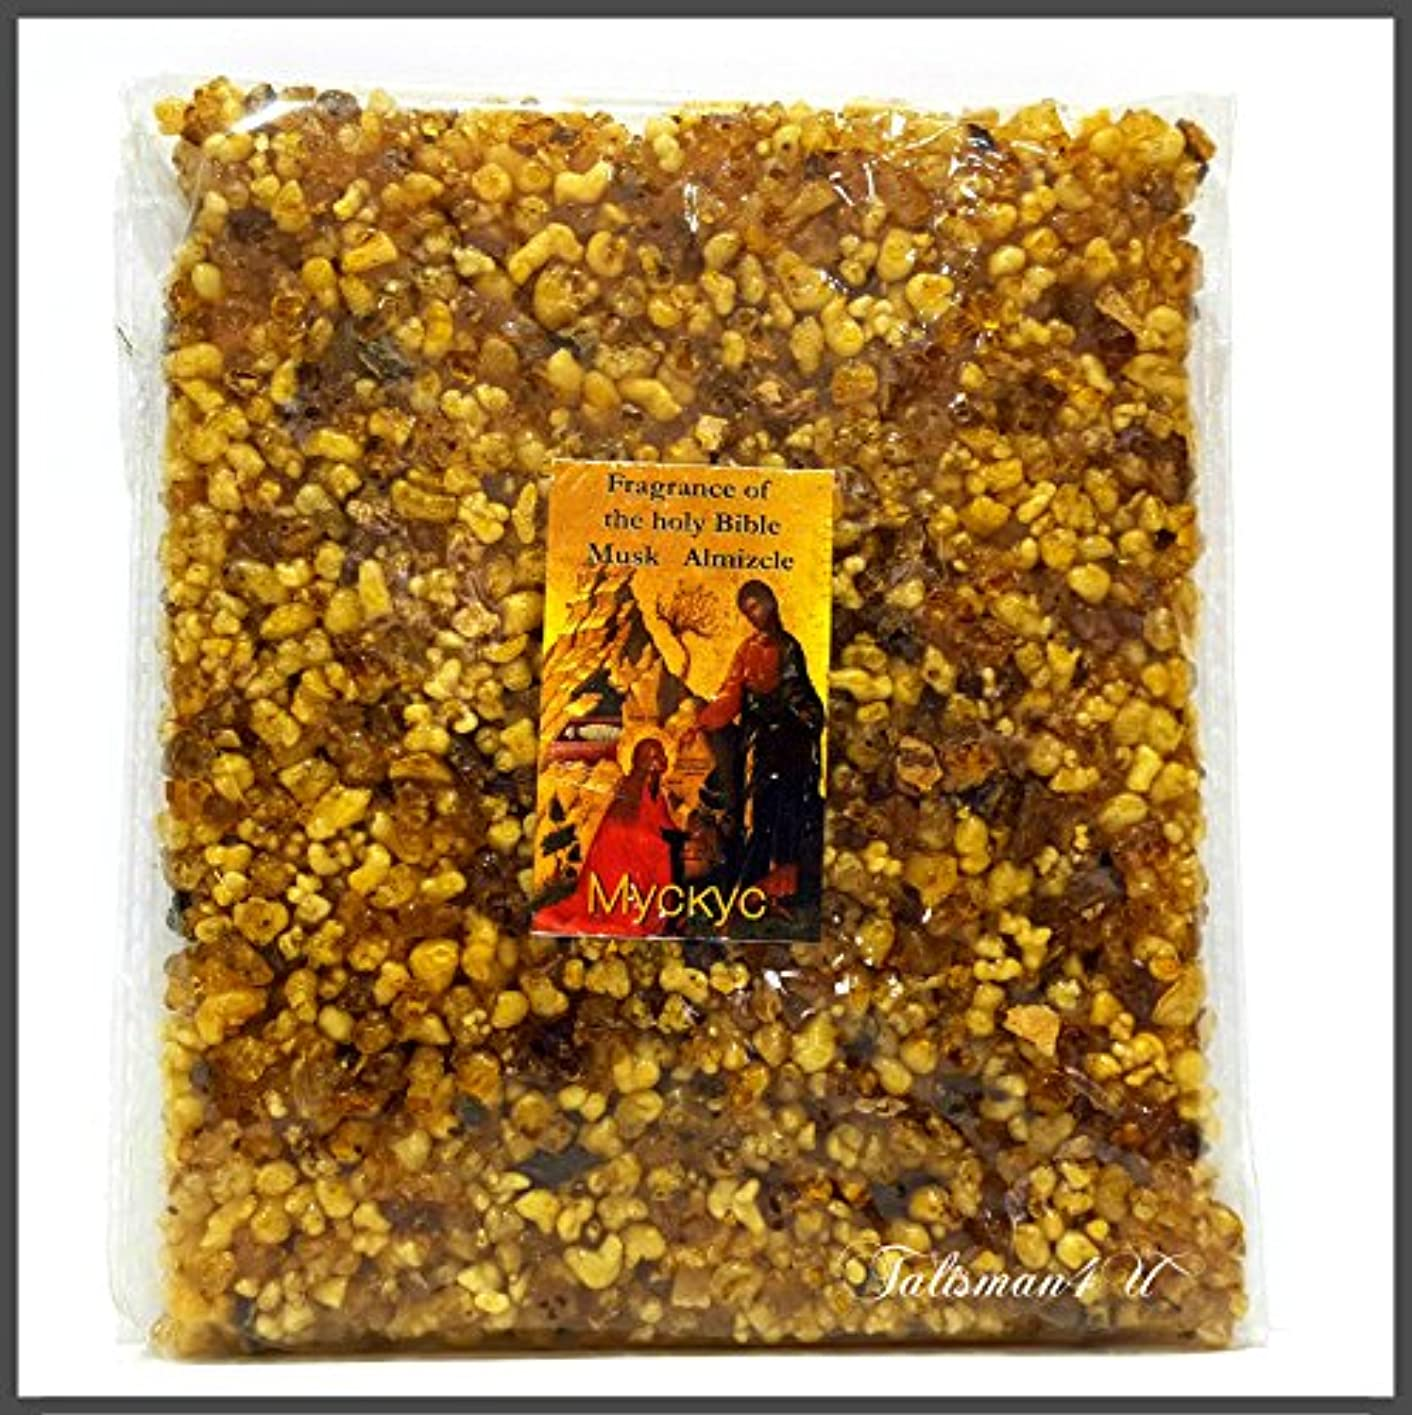 観察するくびれた彼らのムスクエルサレムIncense樹脂Aromatic Almizcle Frankincense of the Holy Land 3.5 Oz/100 g